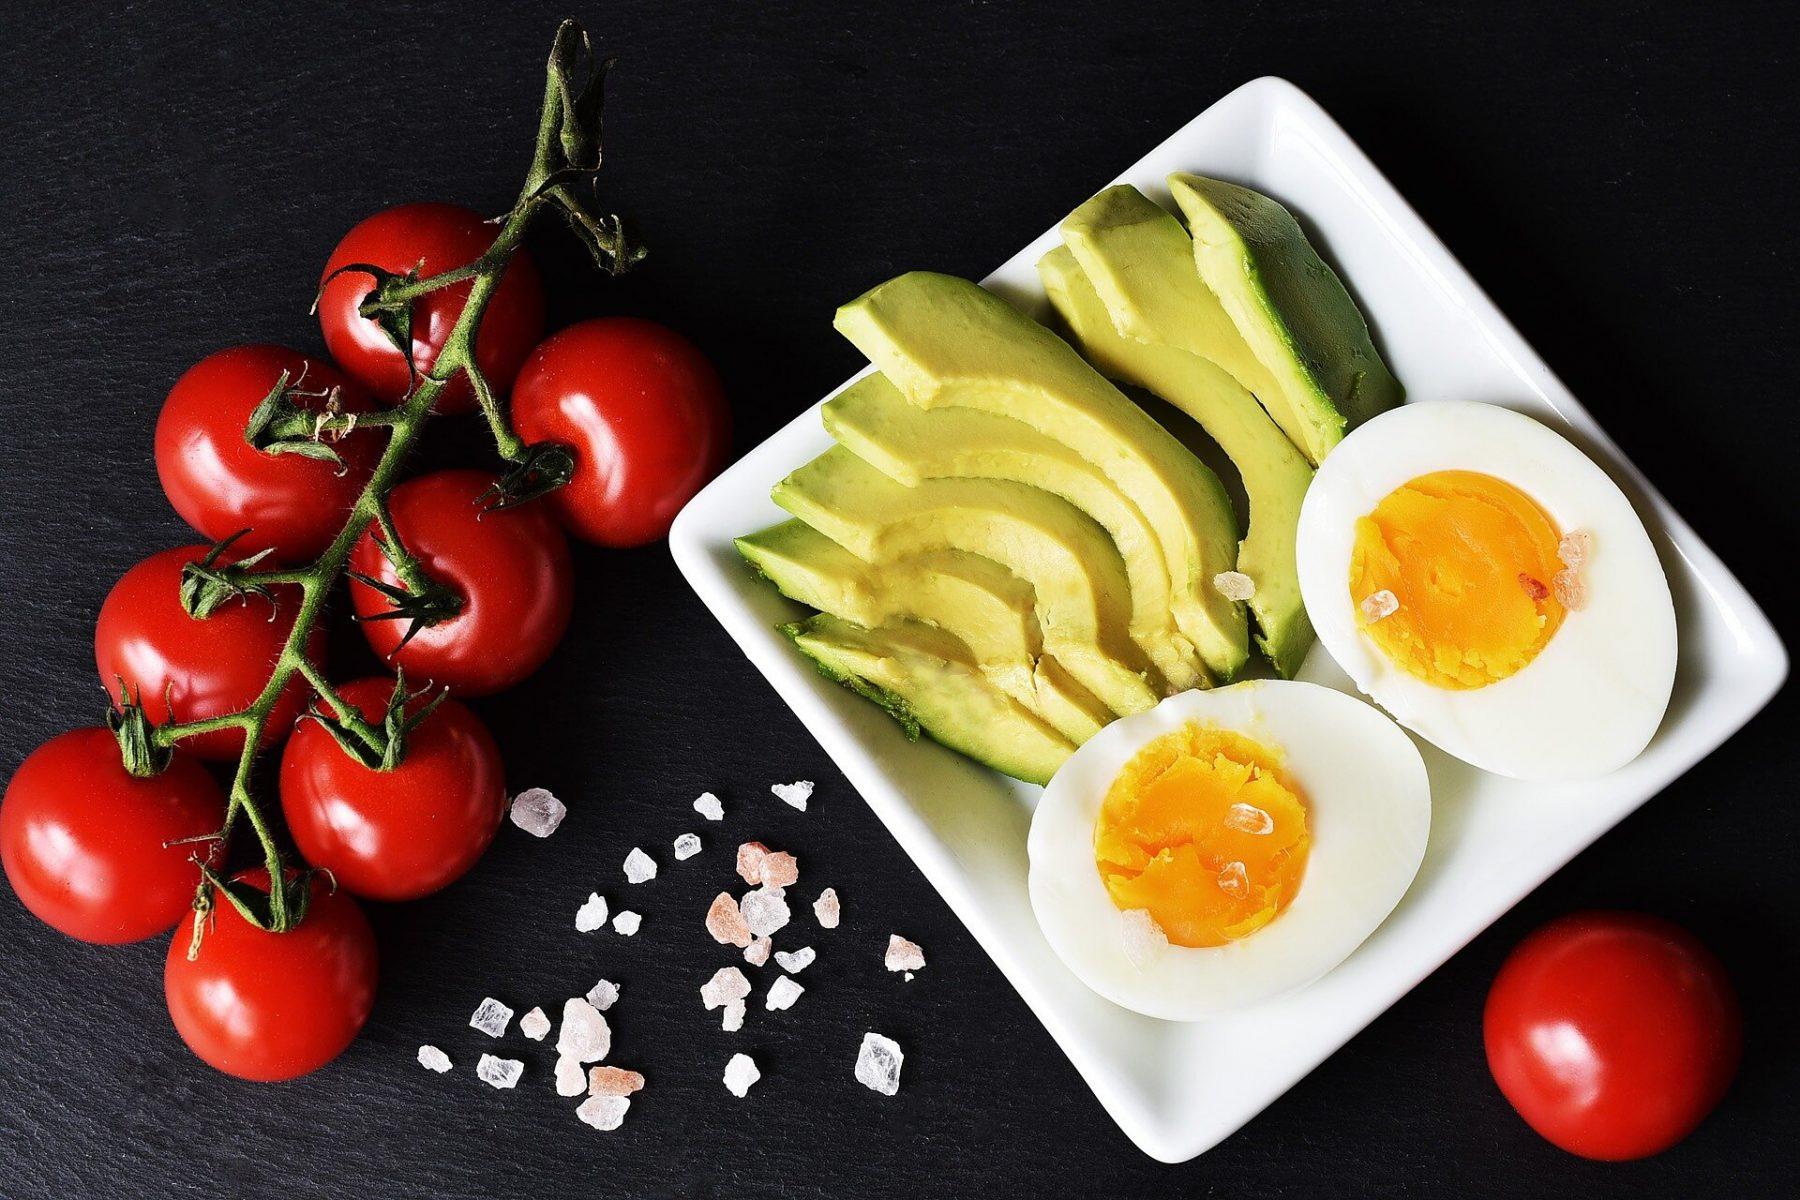 Κέτωση: Γιατί να επιλέξεις την κετογονική διατροφή